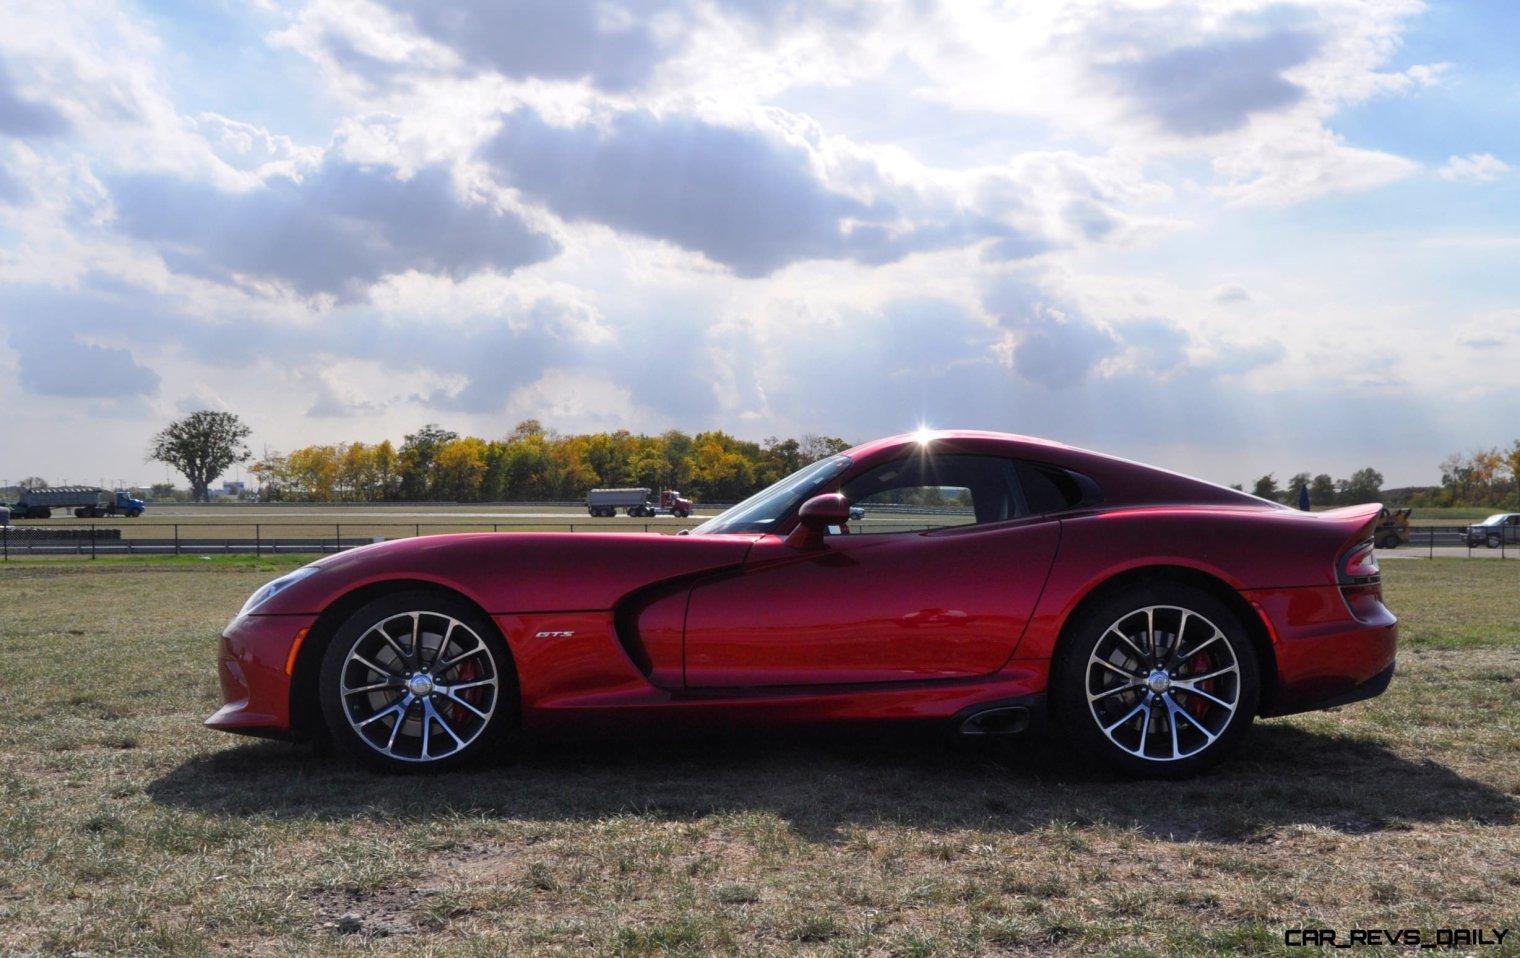 CarRevsDaily.com - 2014 SRT Viper GTS - Huge Wallpapers21